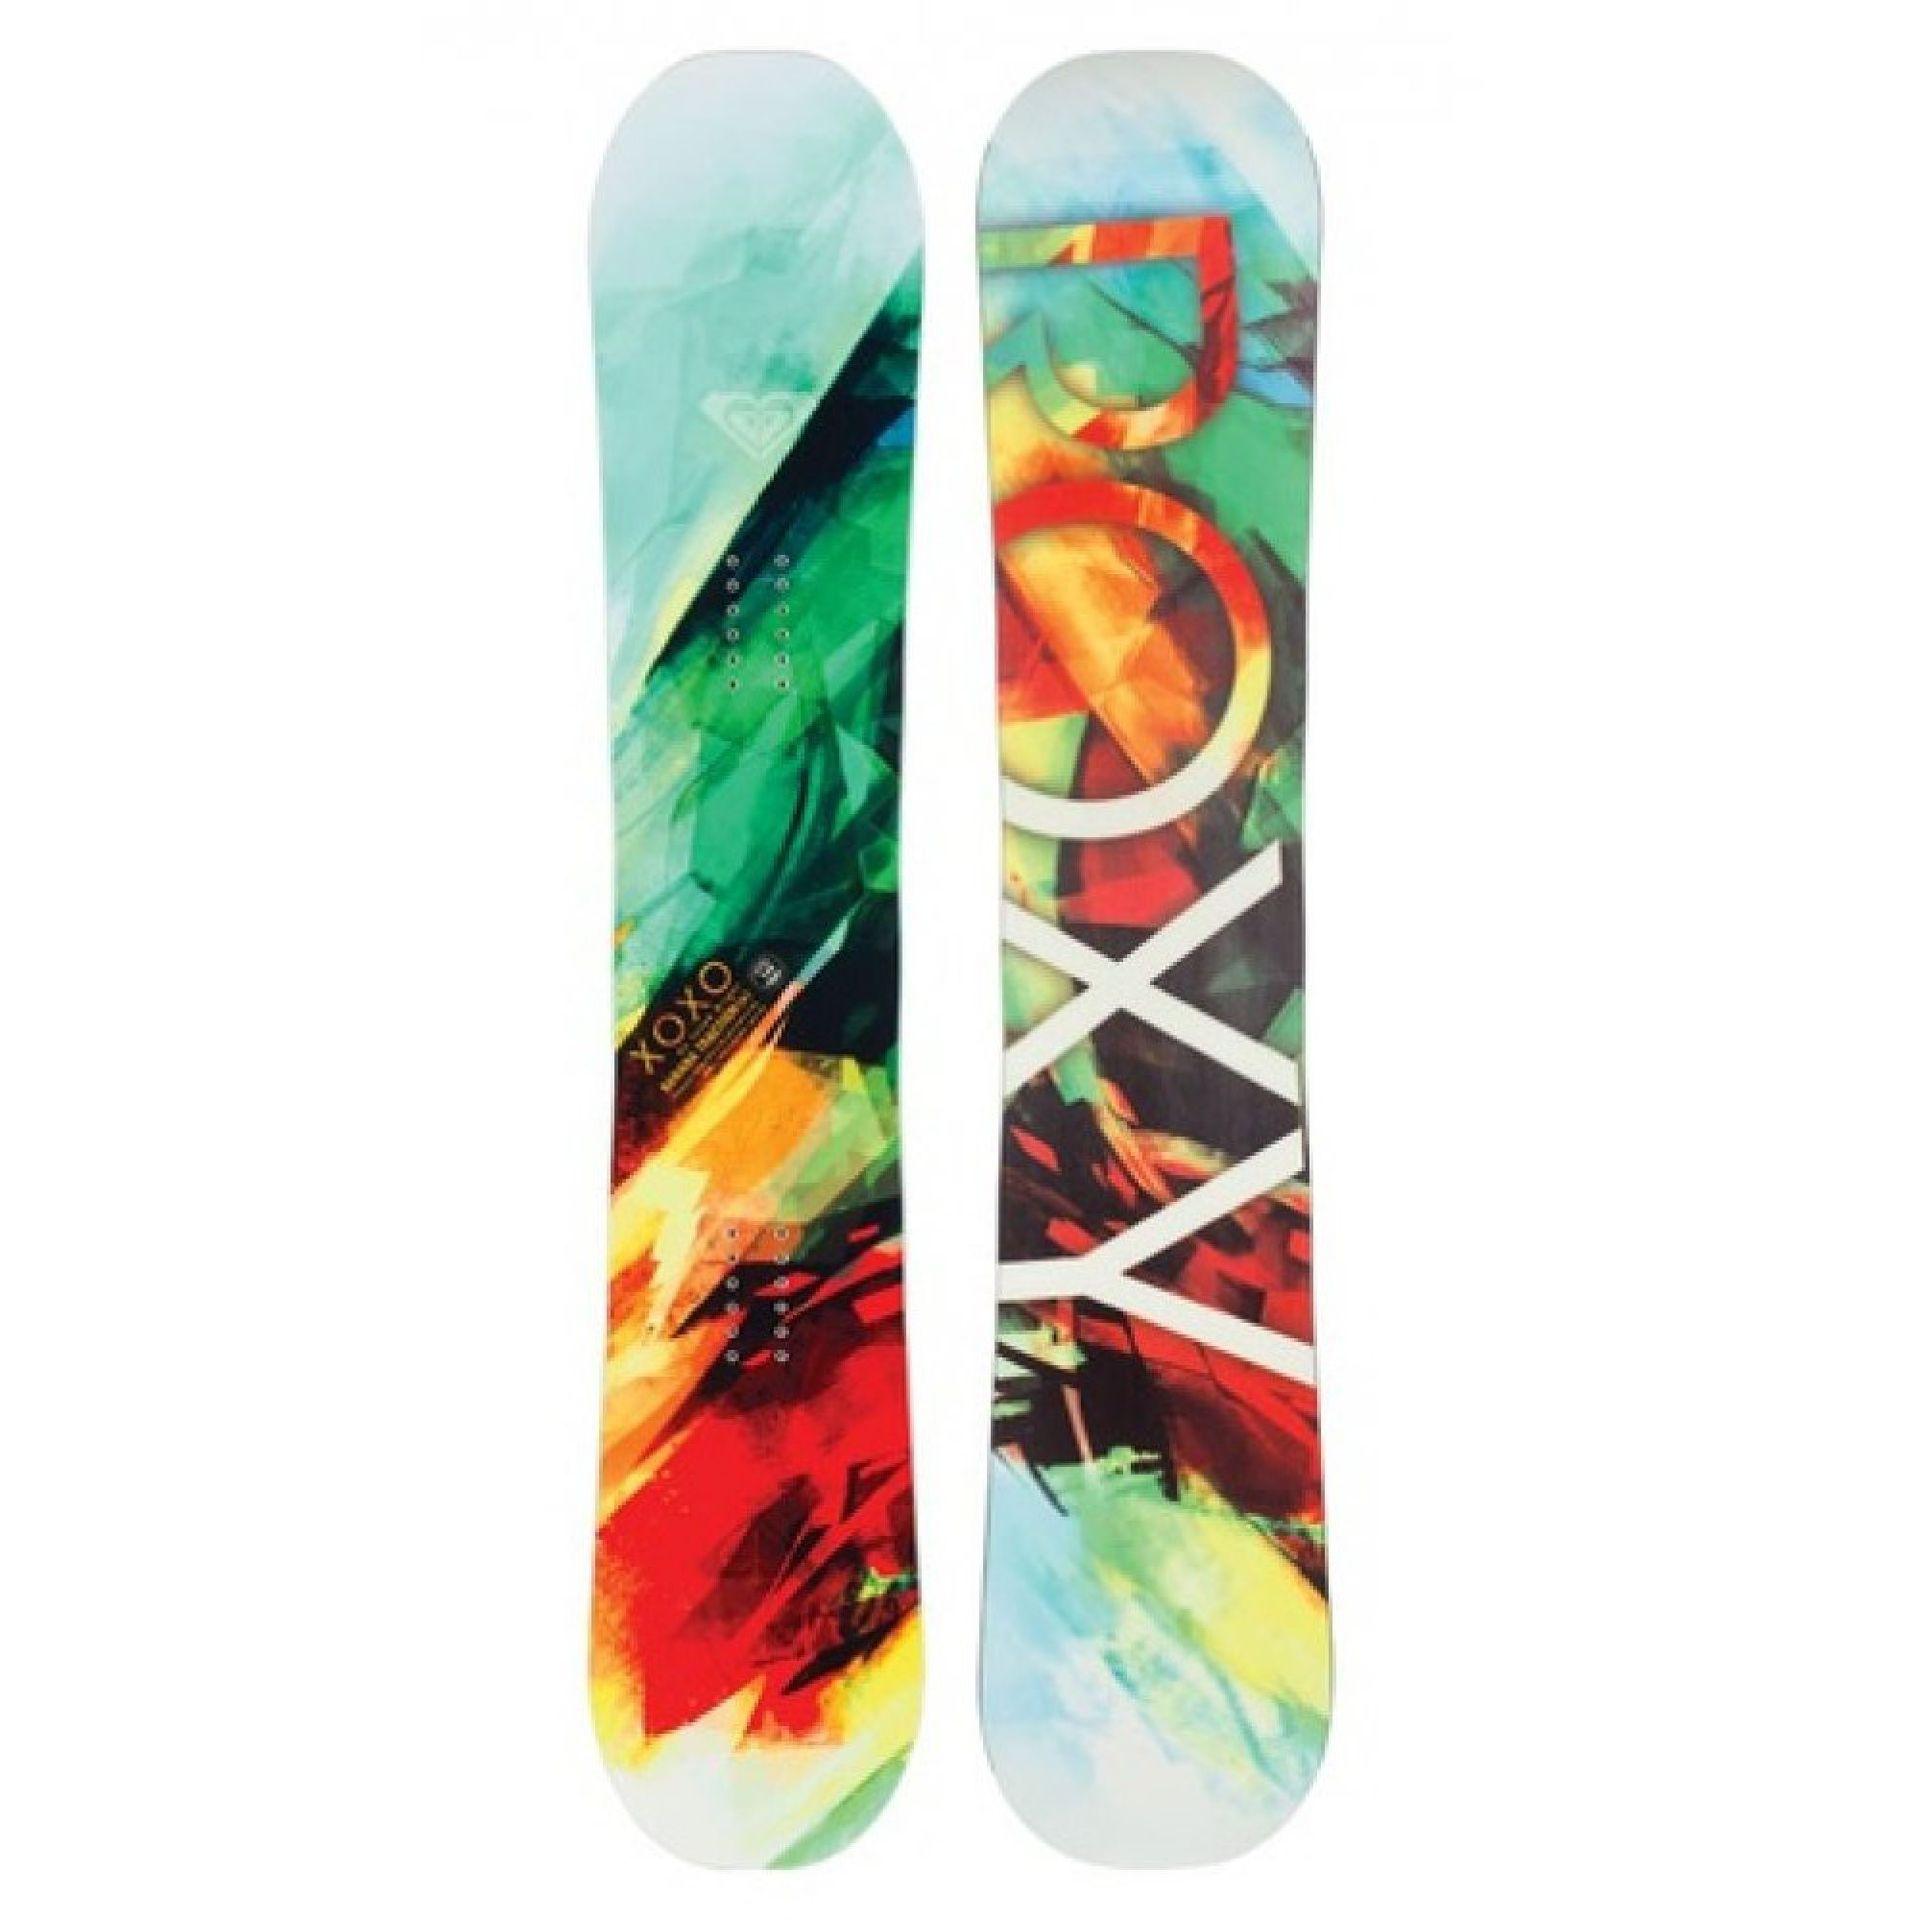 DESKA SNOWBOARDOWA ROXY XOXO BTX+ JEWEL